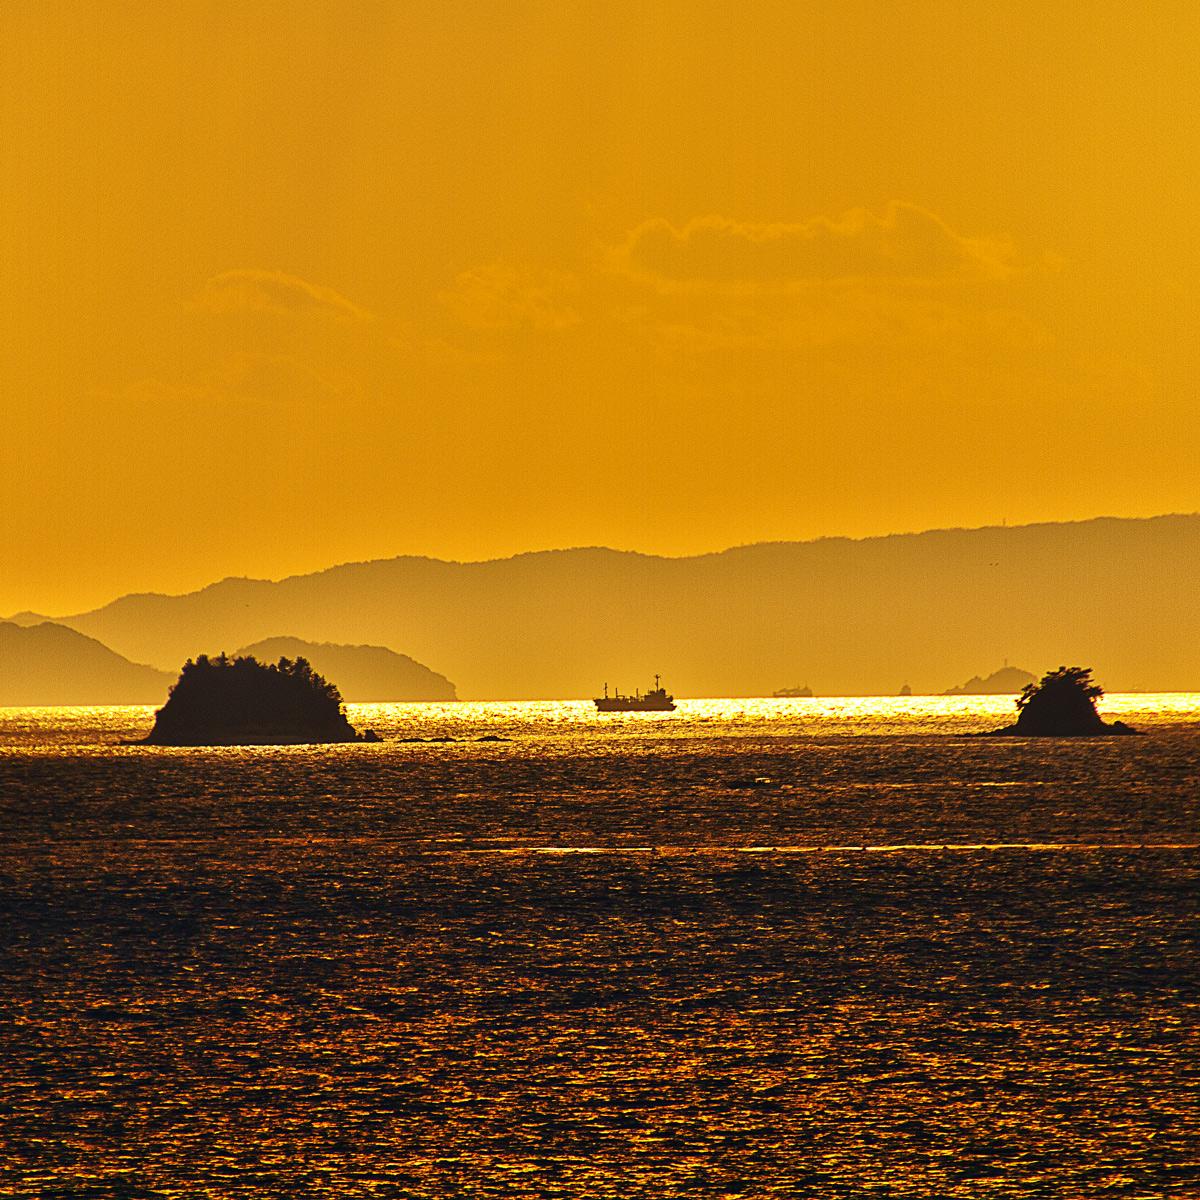 金色に輝く道に浮かぶ船